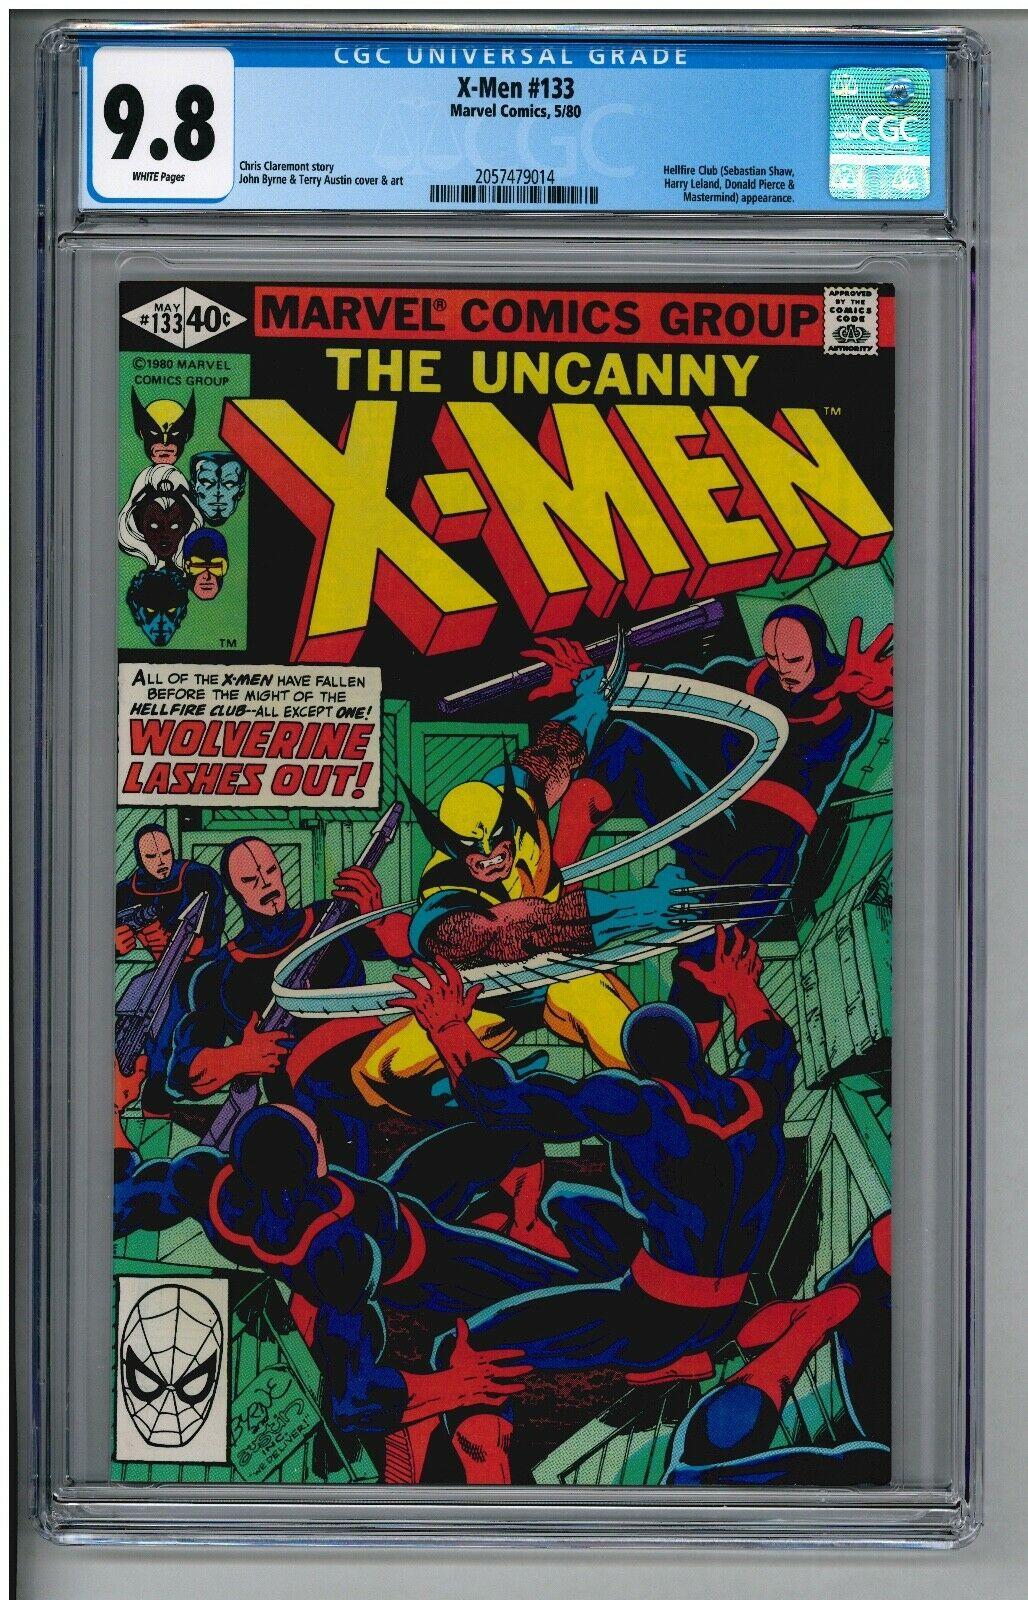 UNCANNY X-MEN 133 CGC 9.8 NM/MT WHITE PAGES 1st Solo WOLVERINE 5/1980 GPA=$475